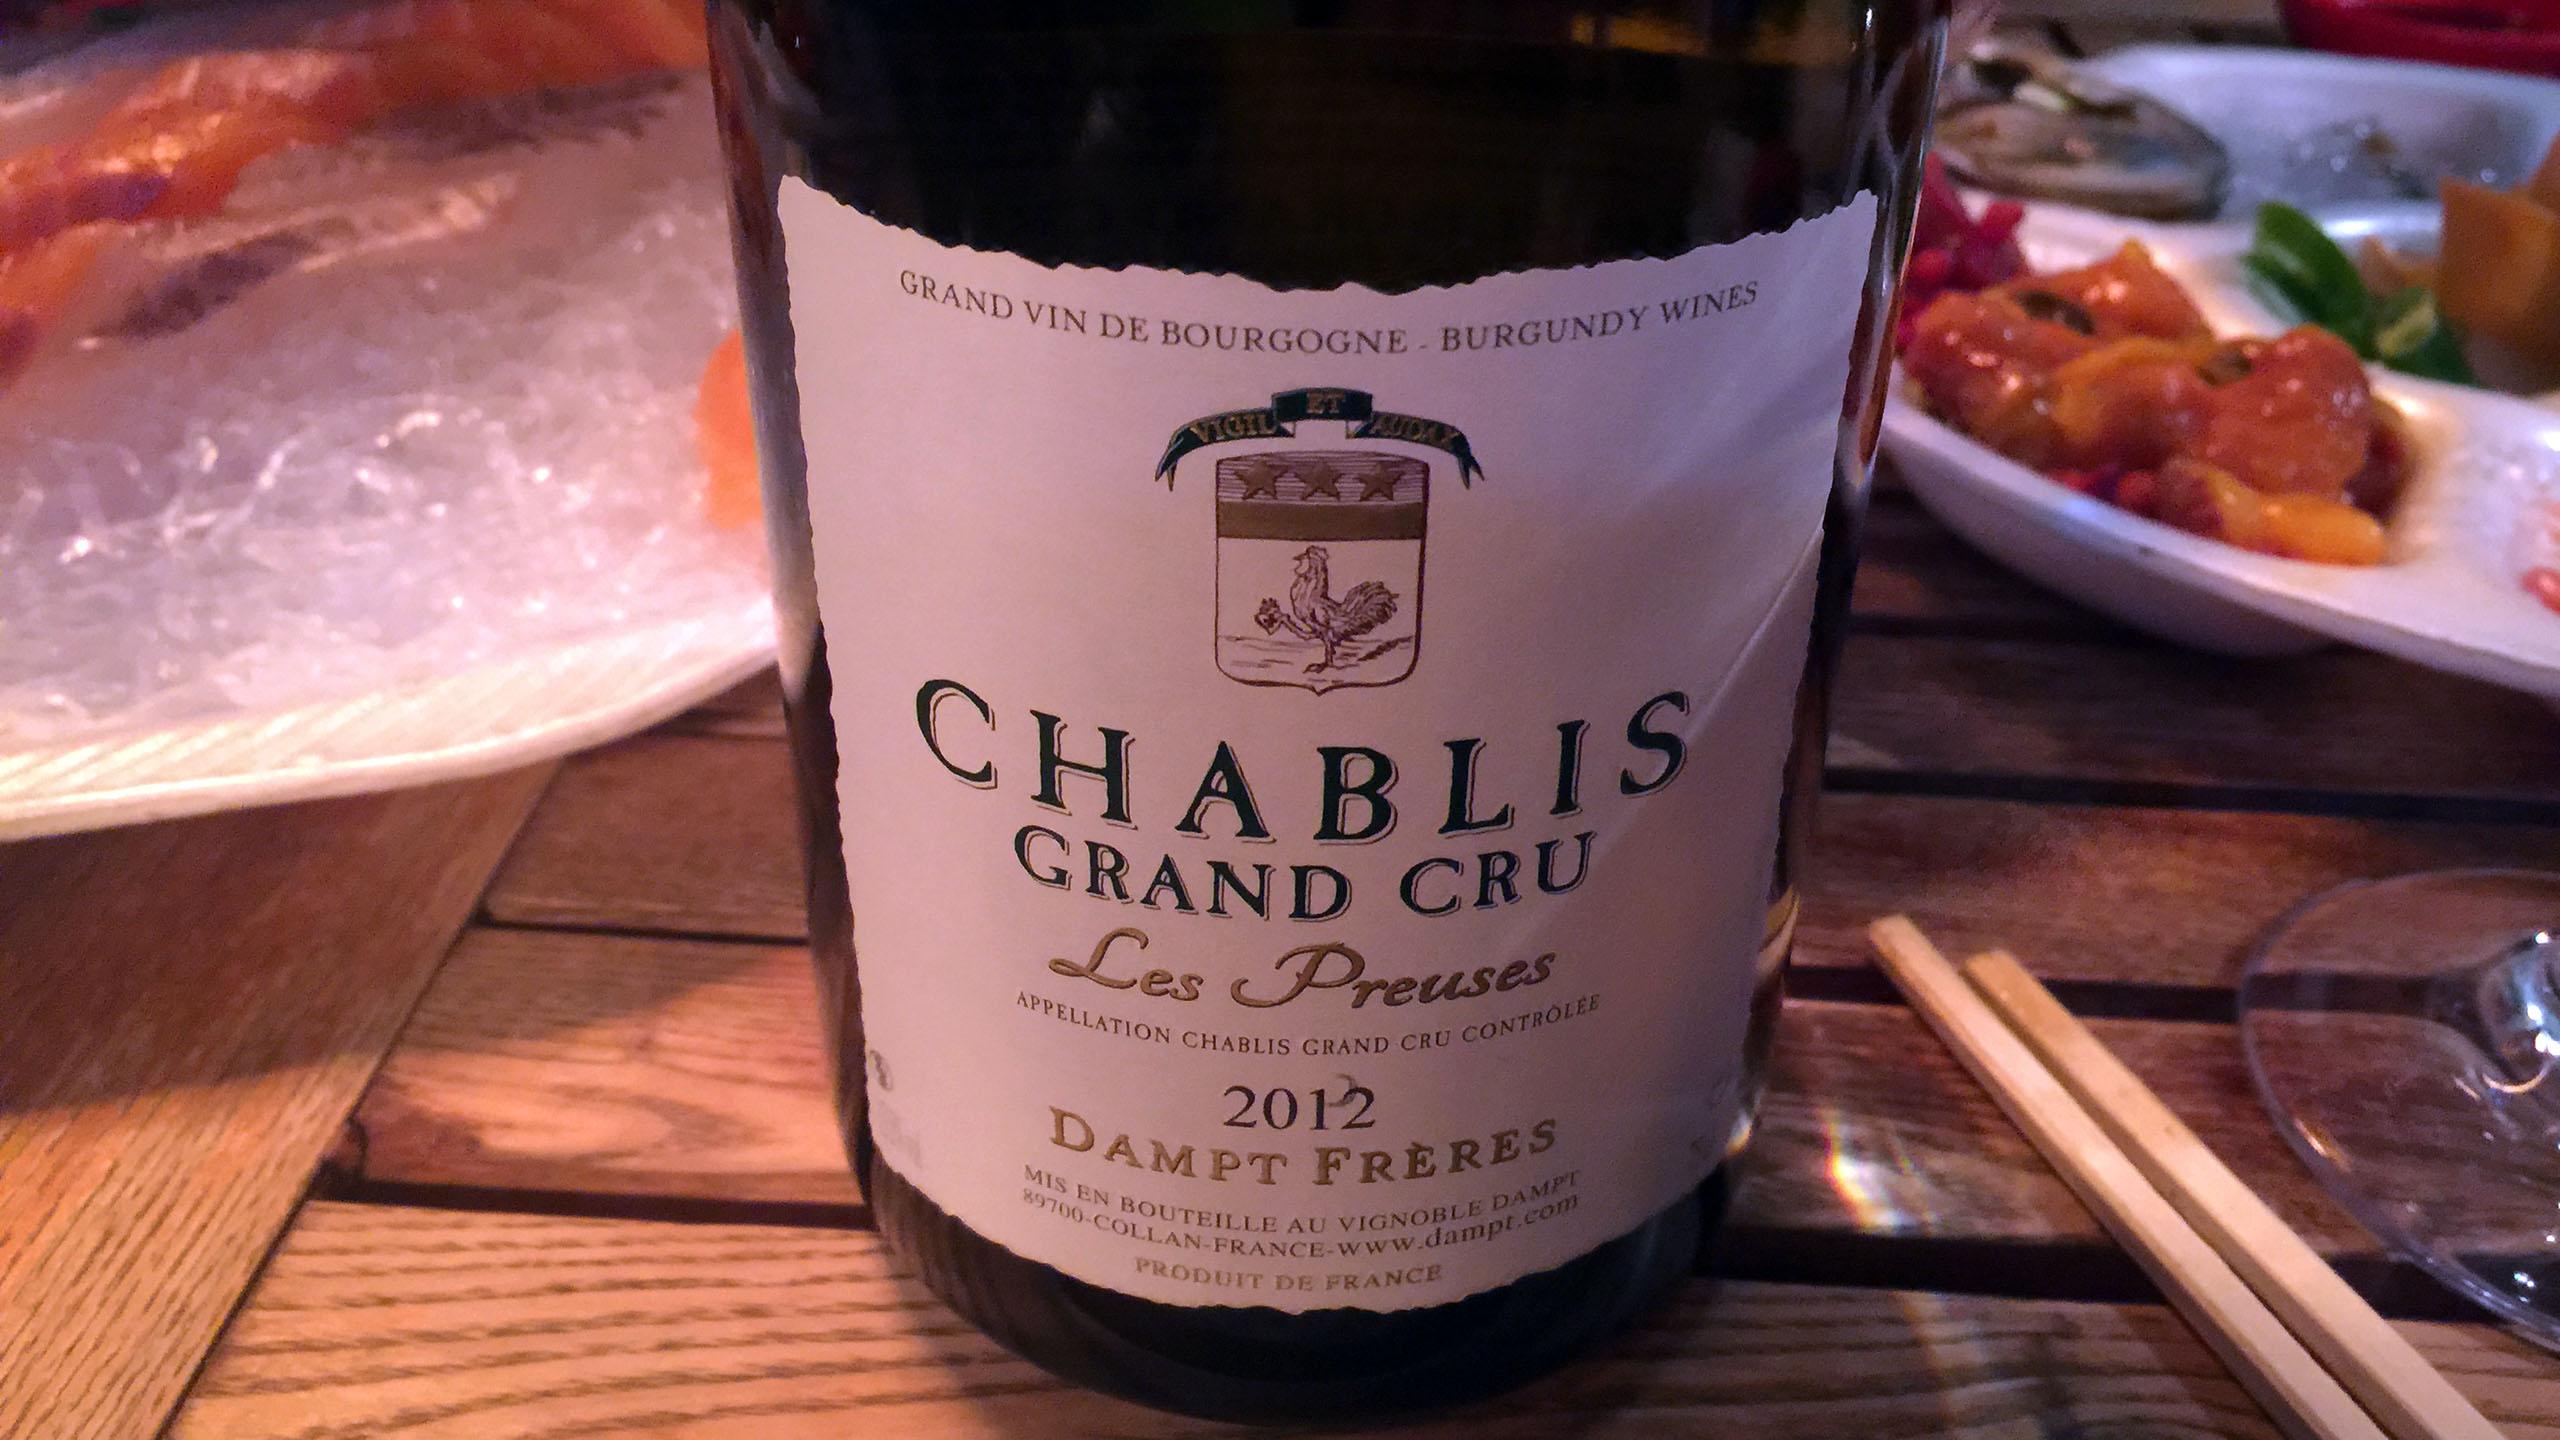 Dampt Freres Chablis Grand Cru Les Preuses 2012